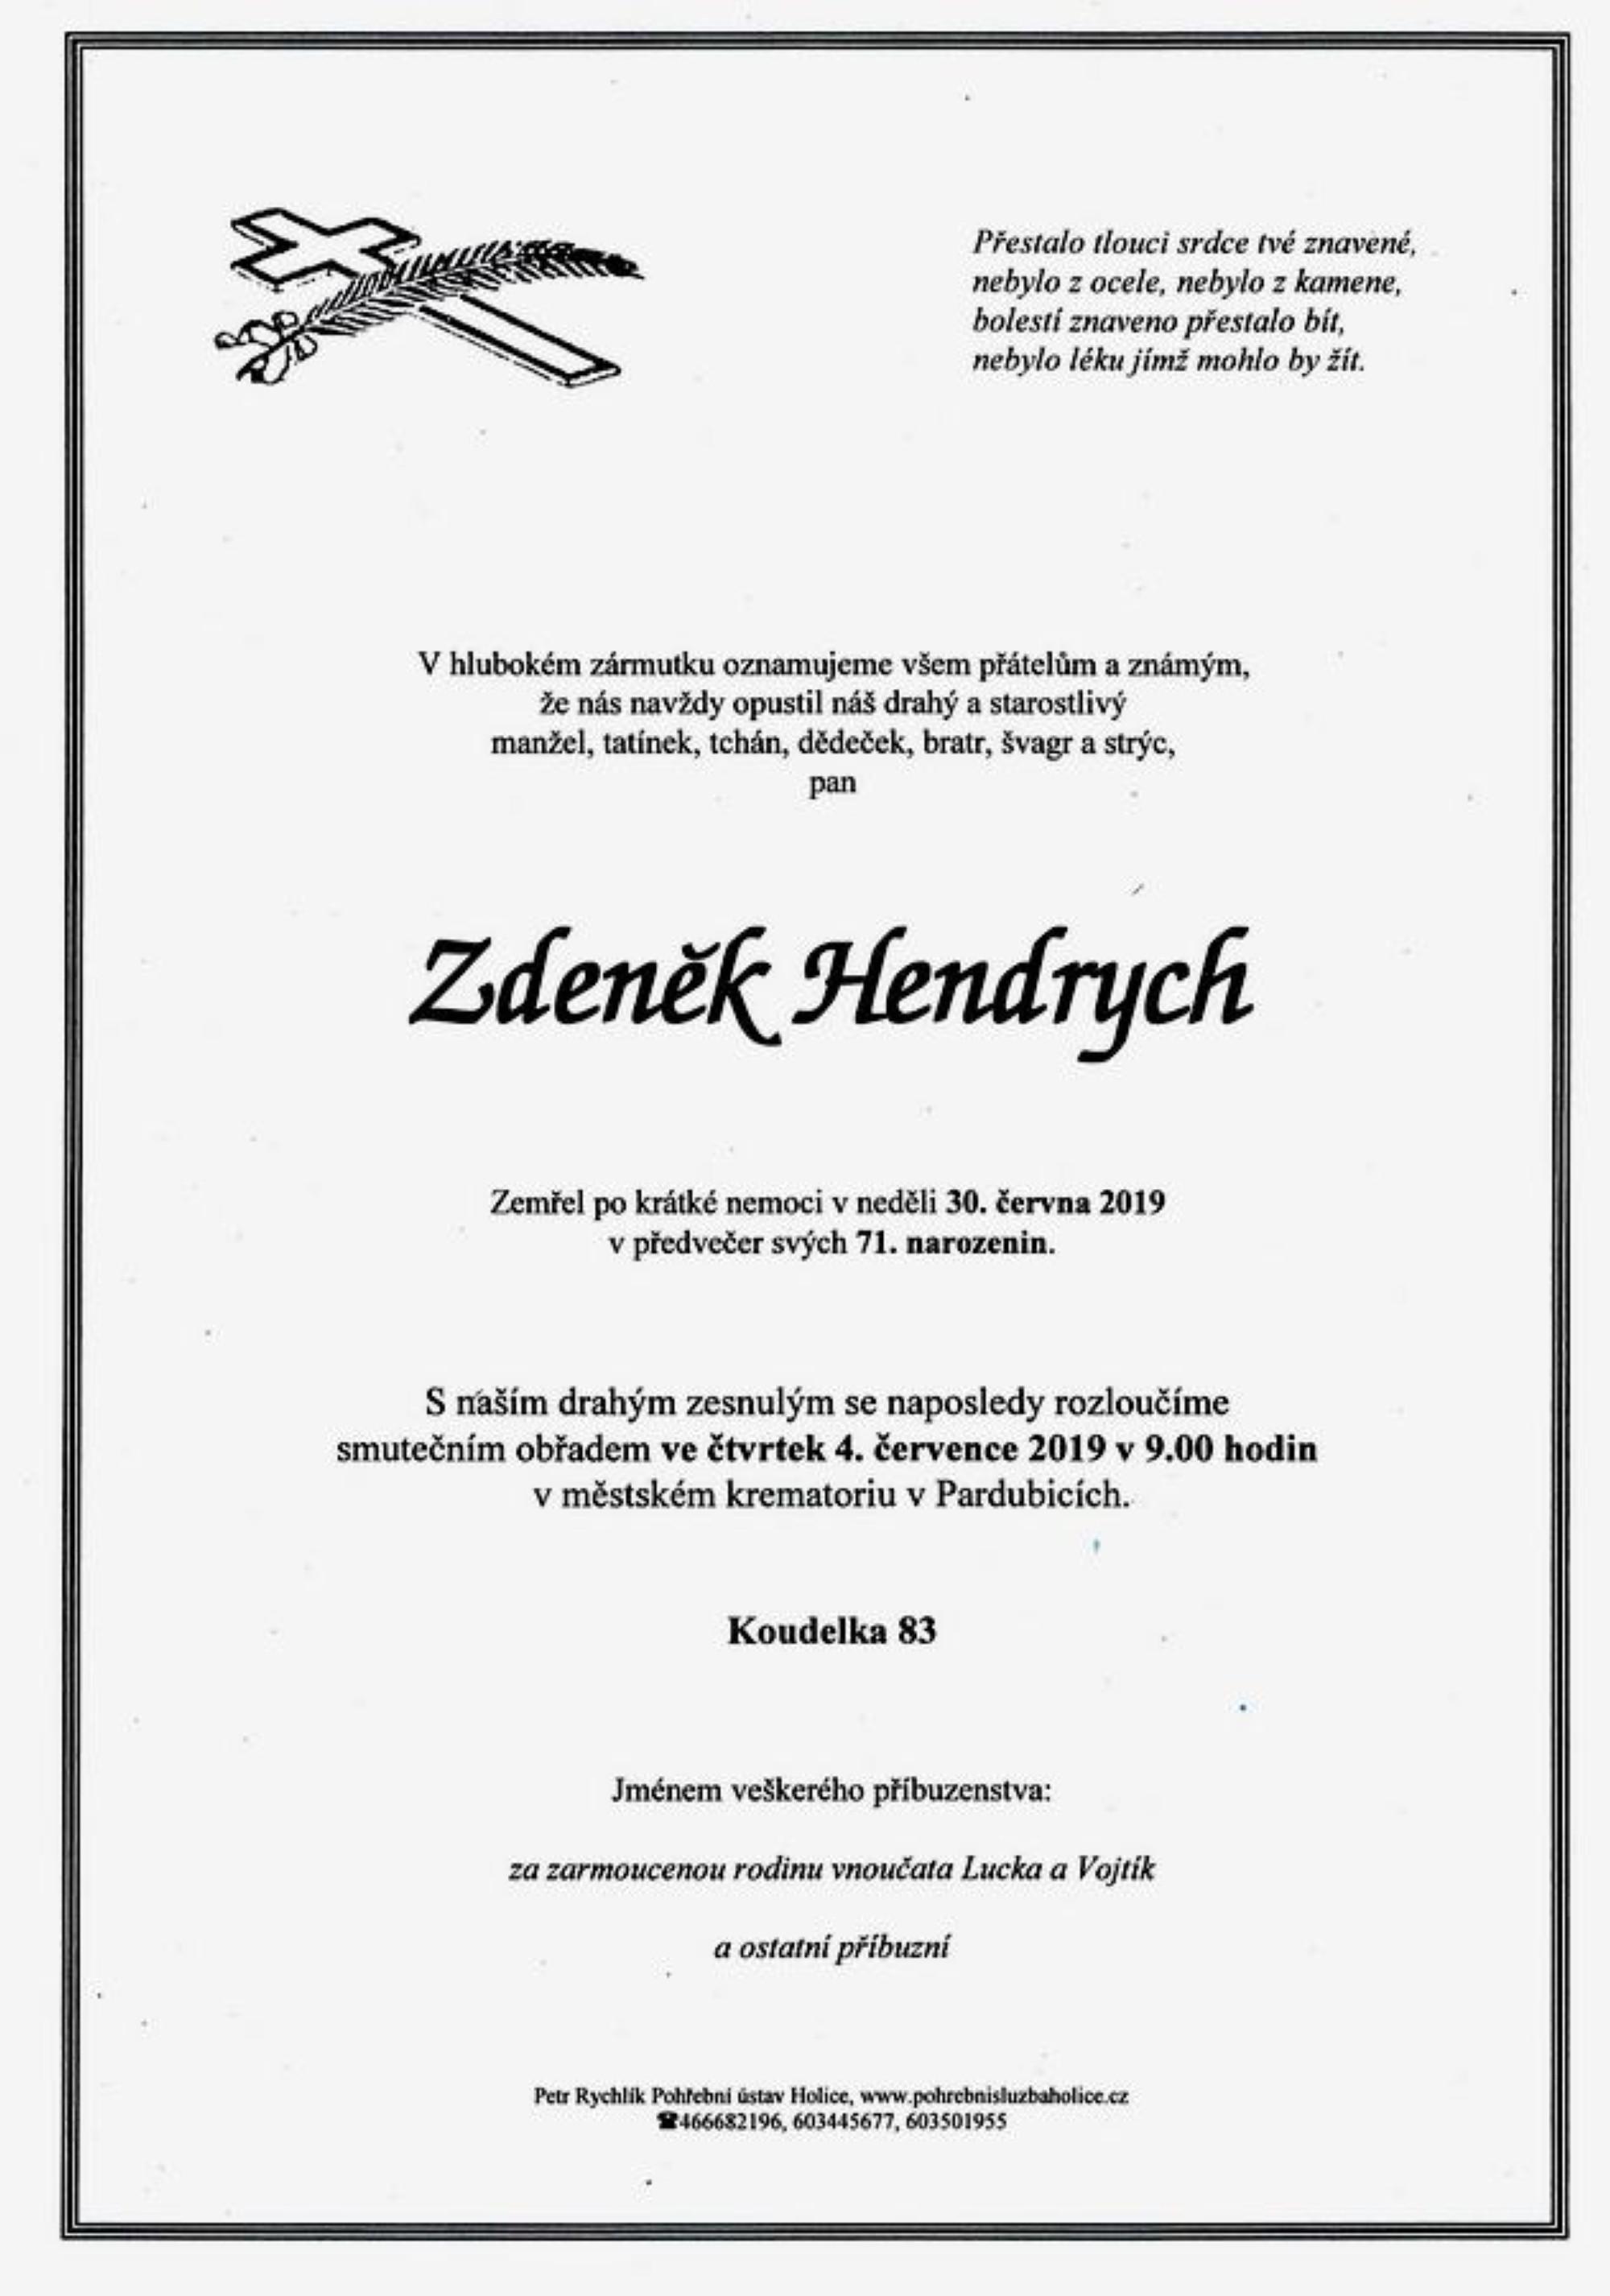 Zdeněk Hendrych